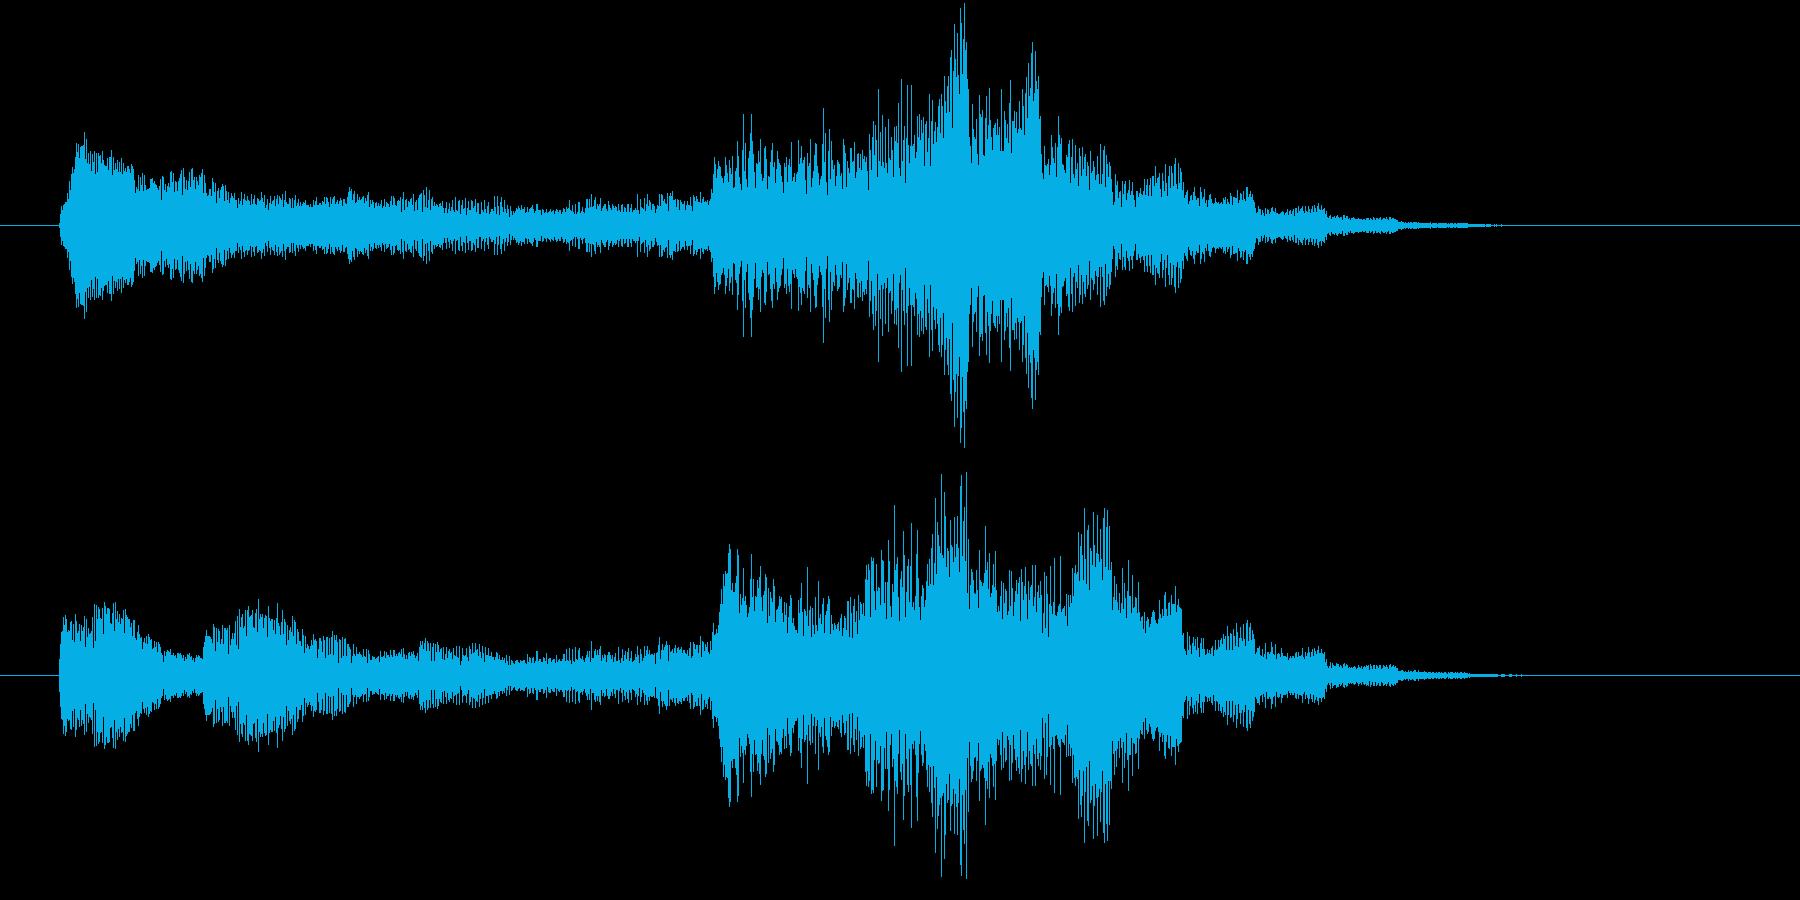 電子音による近未来的なサウンドロゴの再生済みの波形